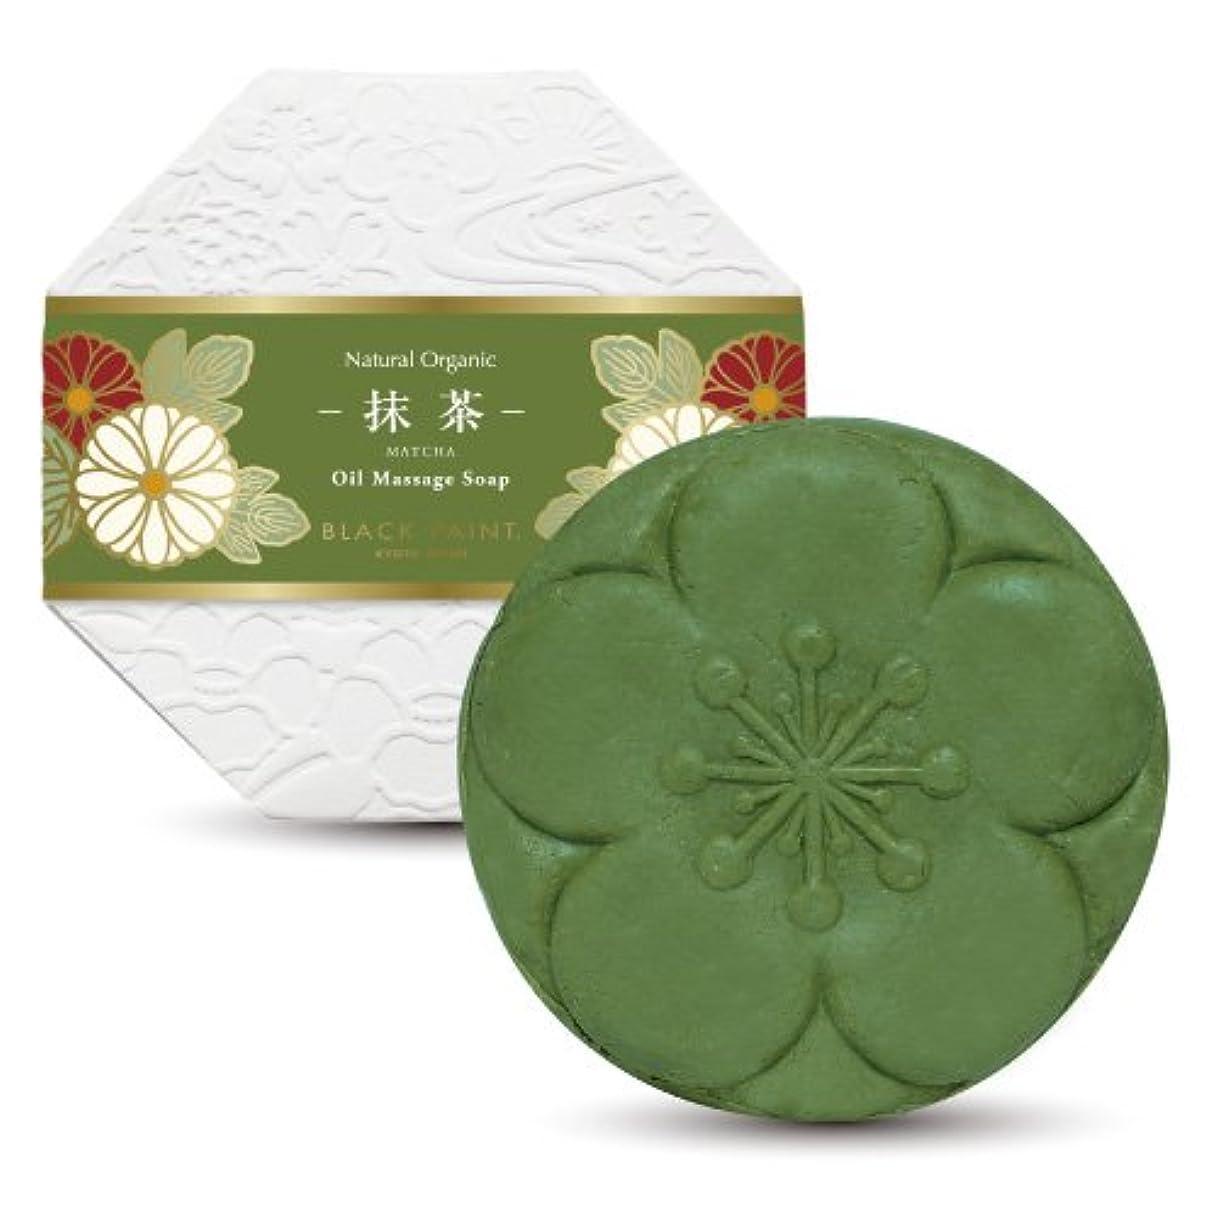 別の重要性ブラウン京のお茶石鹸 抹茶 120g 塗る石鹸